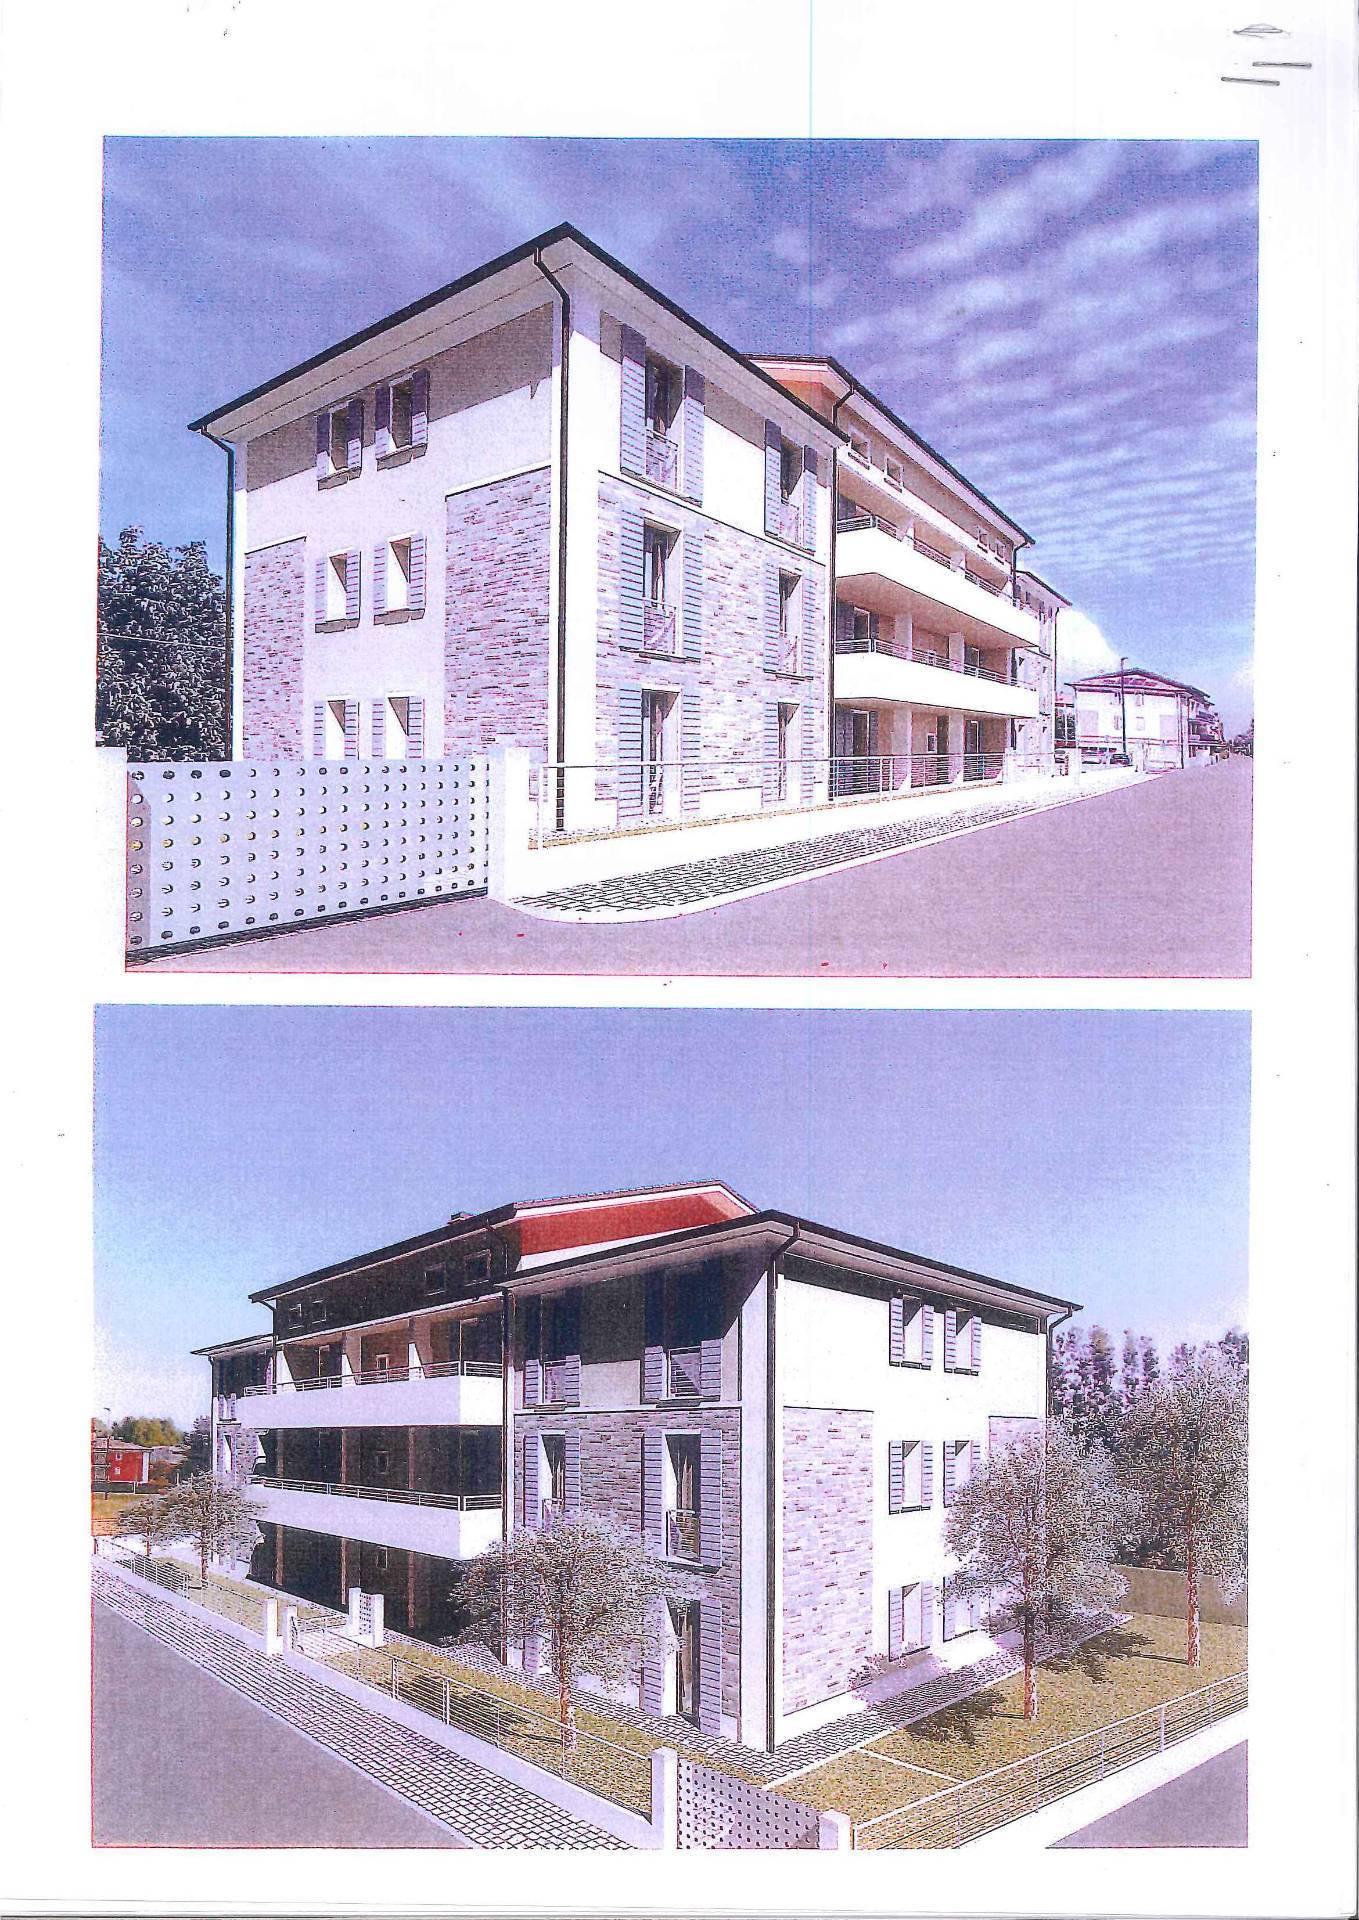 Appartamento in vendita a Maranello, 3 locali, prezzo € 256.000 | CambioCasa.it